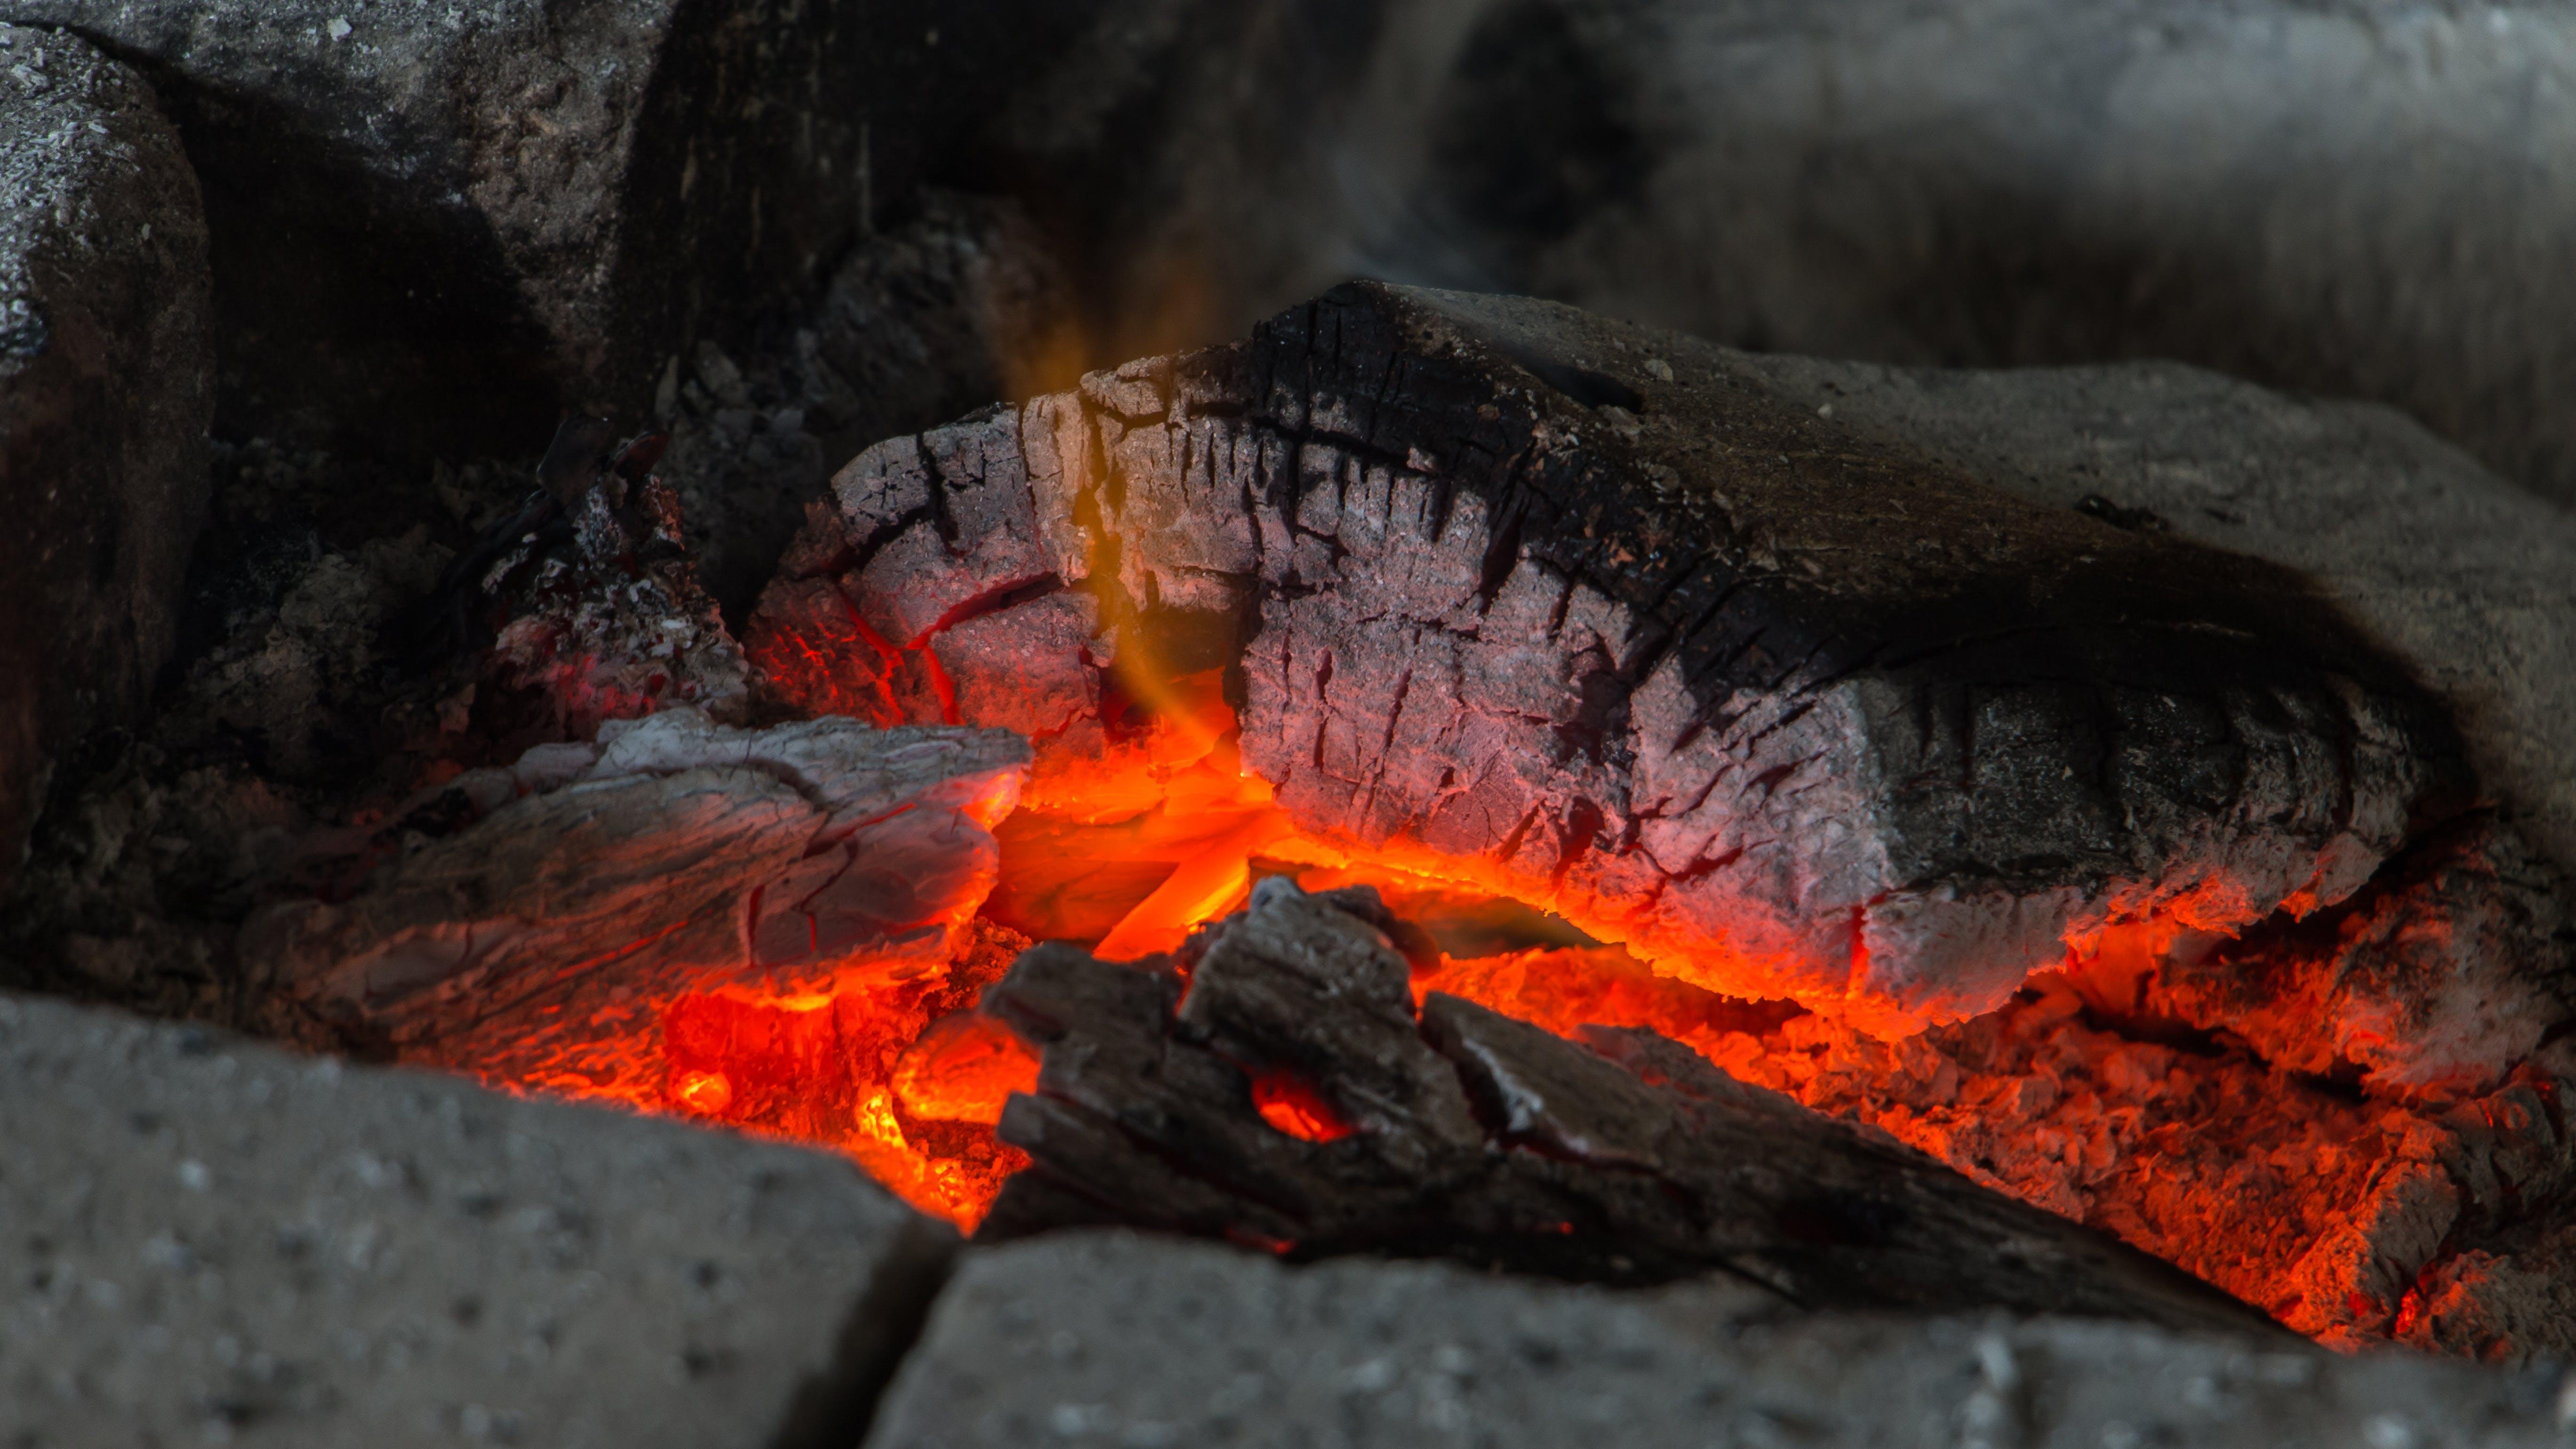 Kostenloses Stock Foto zu asche, brand, brennbar, brennen